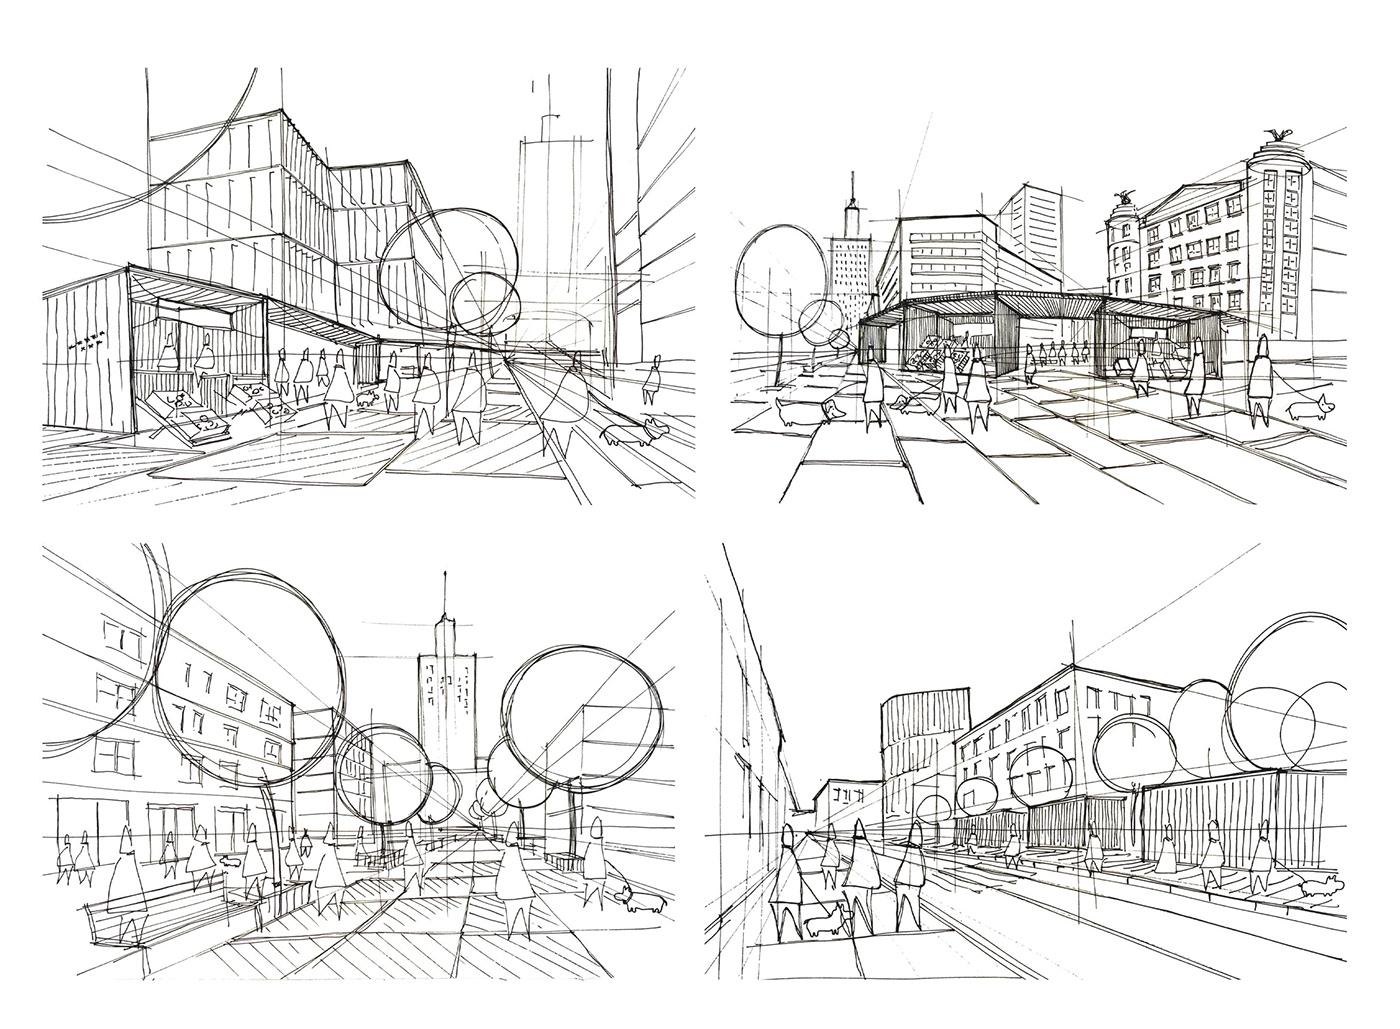 action urbanism street design street market Urban Design warsaw planning złota street